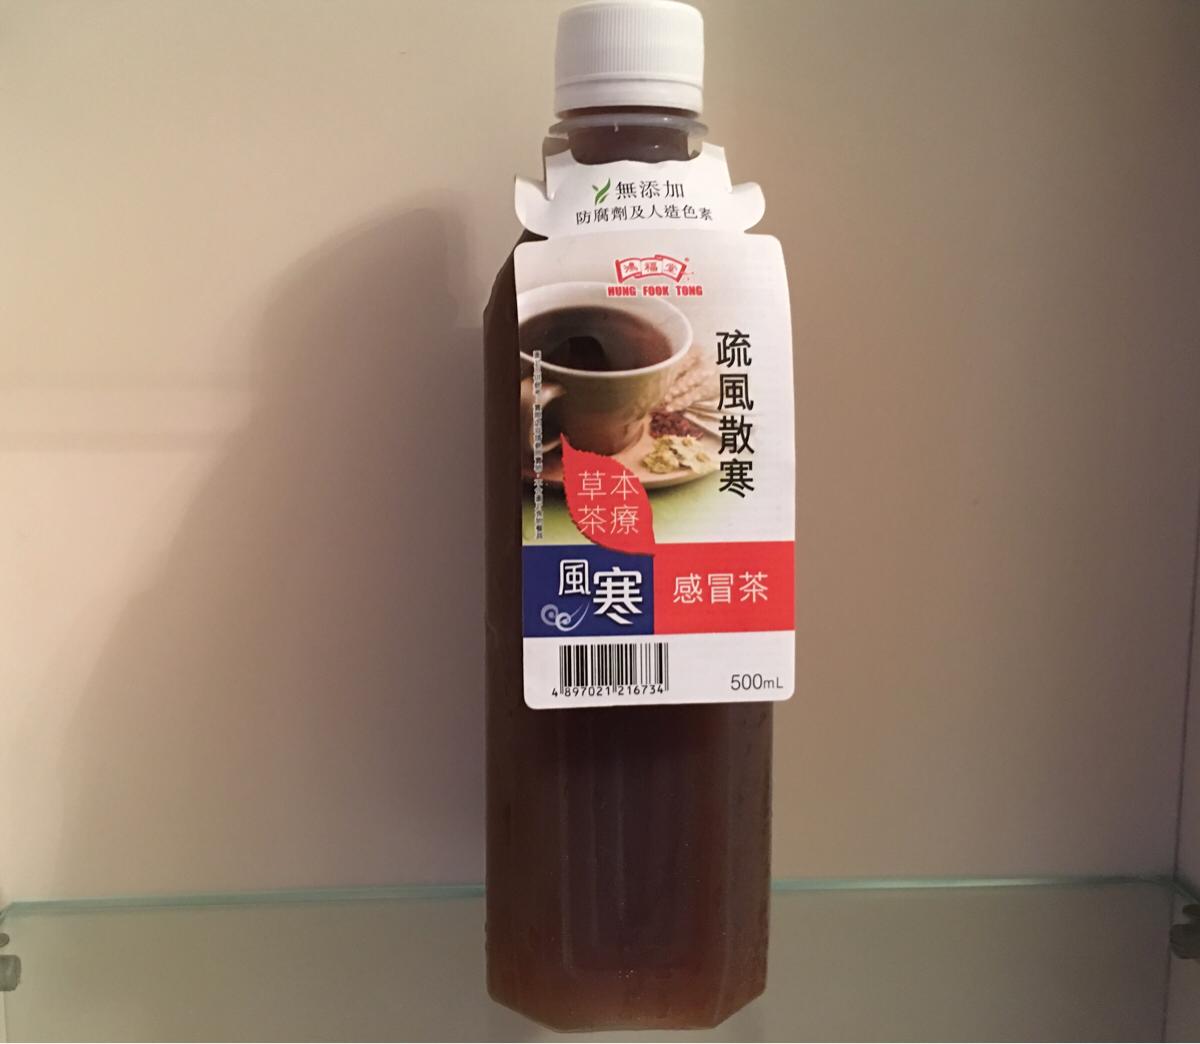 鴻福堂(Hung Fook Tong)の風寒感冒茶はびっくりするほど美味しくないけど風邪はしっかり治りました